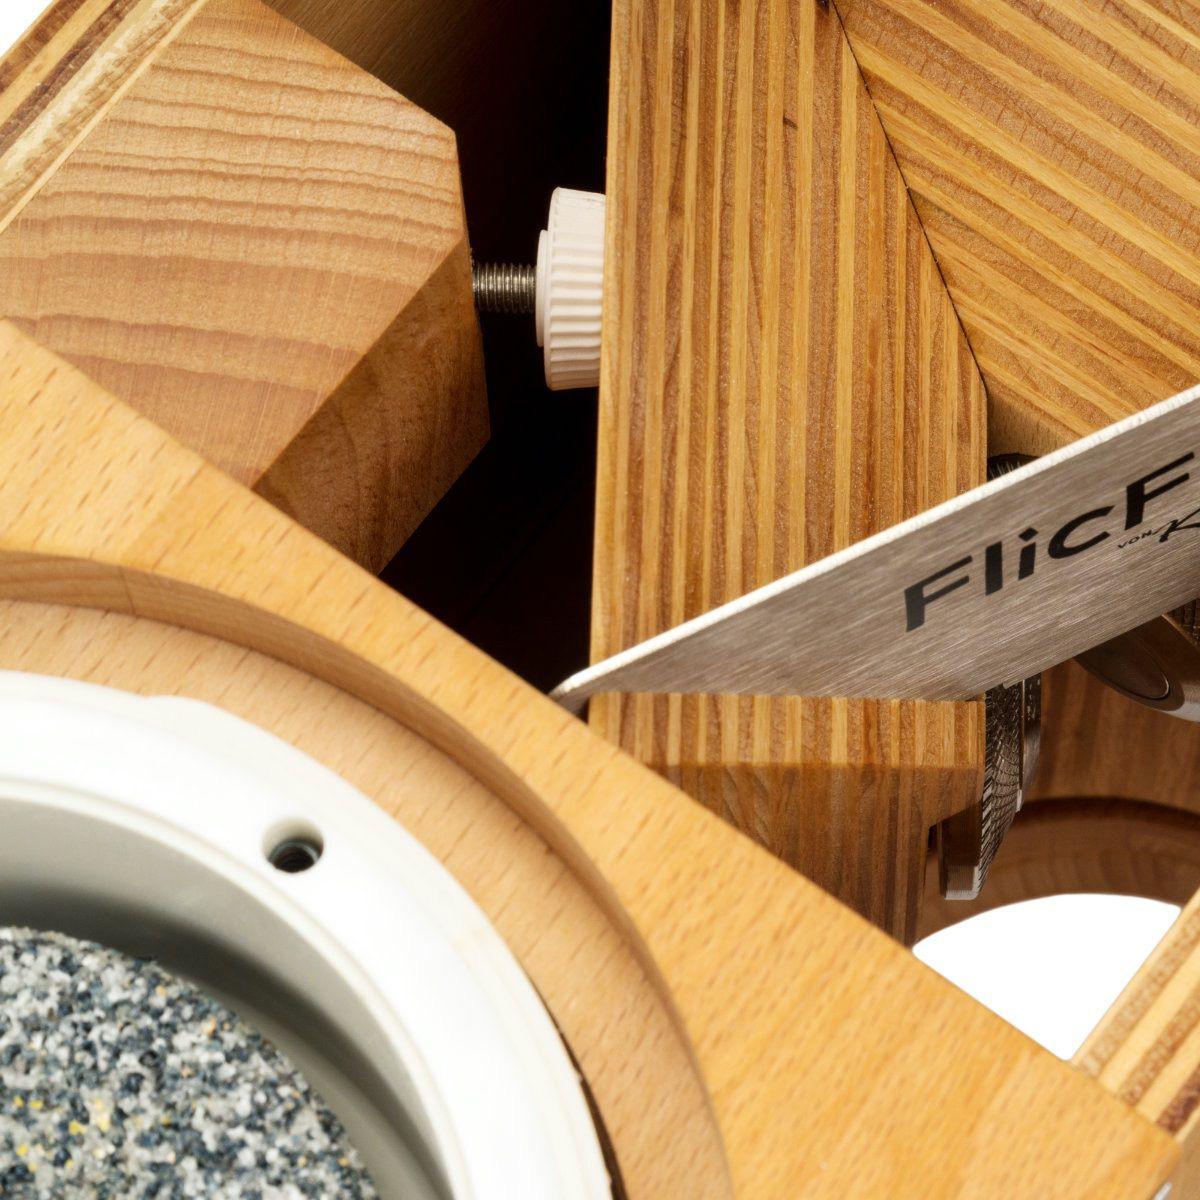 Fidifloc